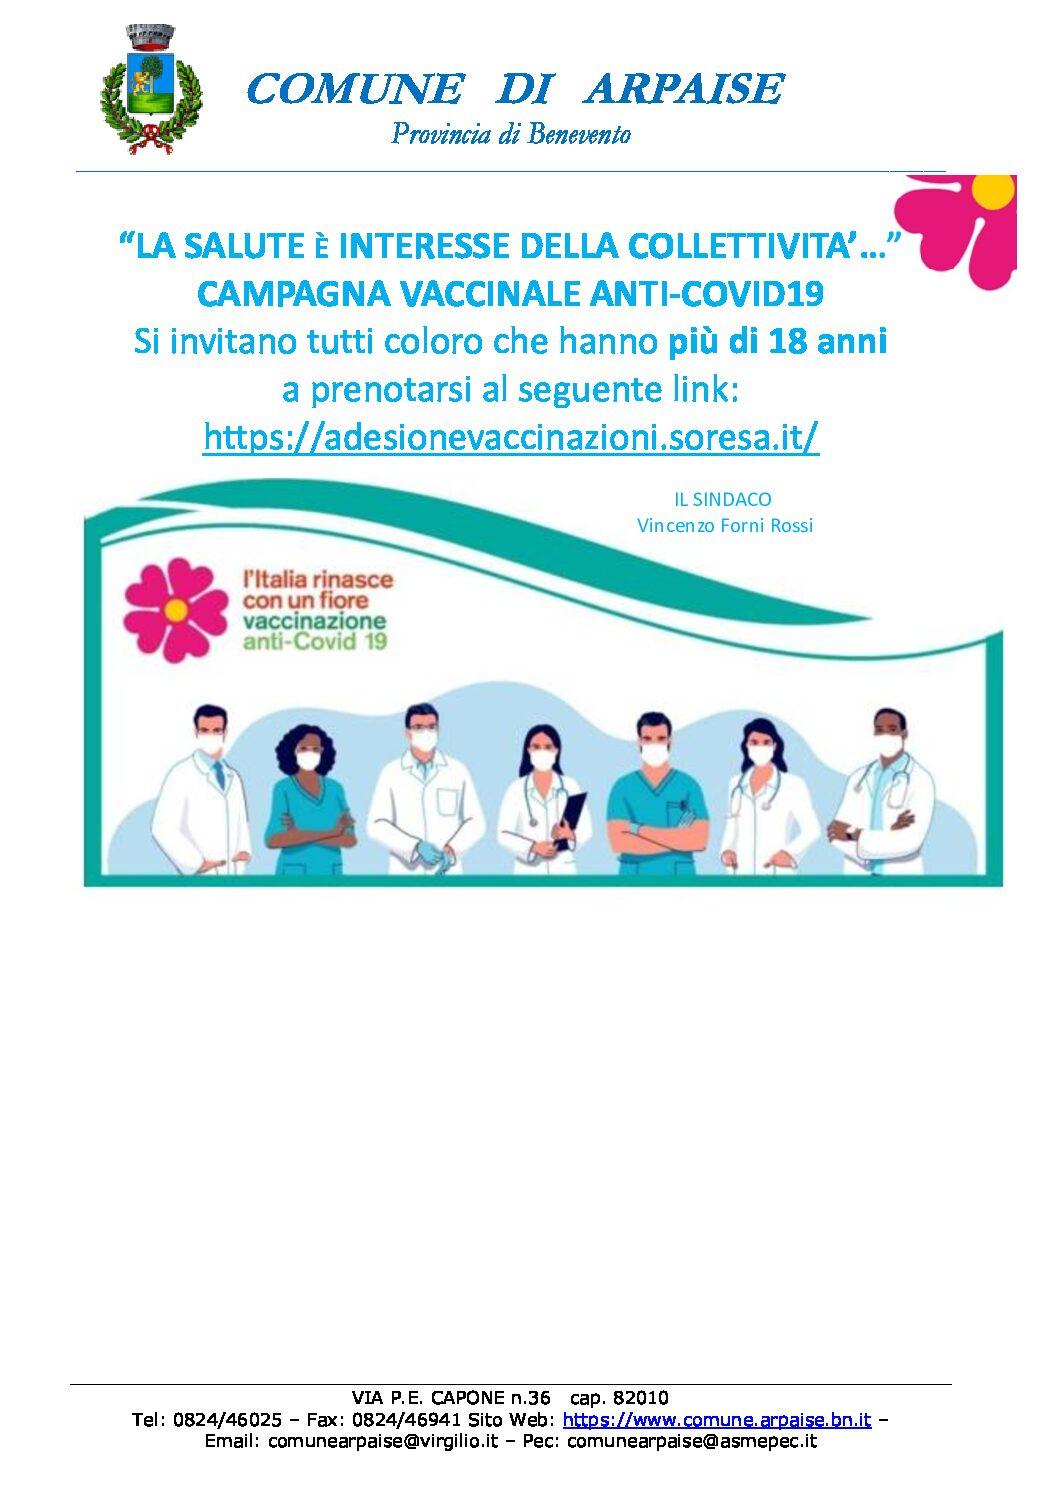 CAMPAGNA VACCINALE ANTI-COVID-19 FASCIA D'ETA' PIU' DI 18 ANNI